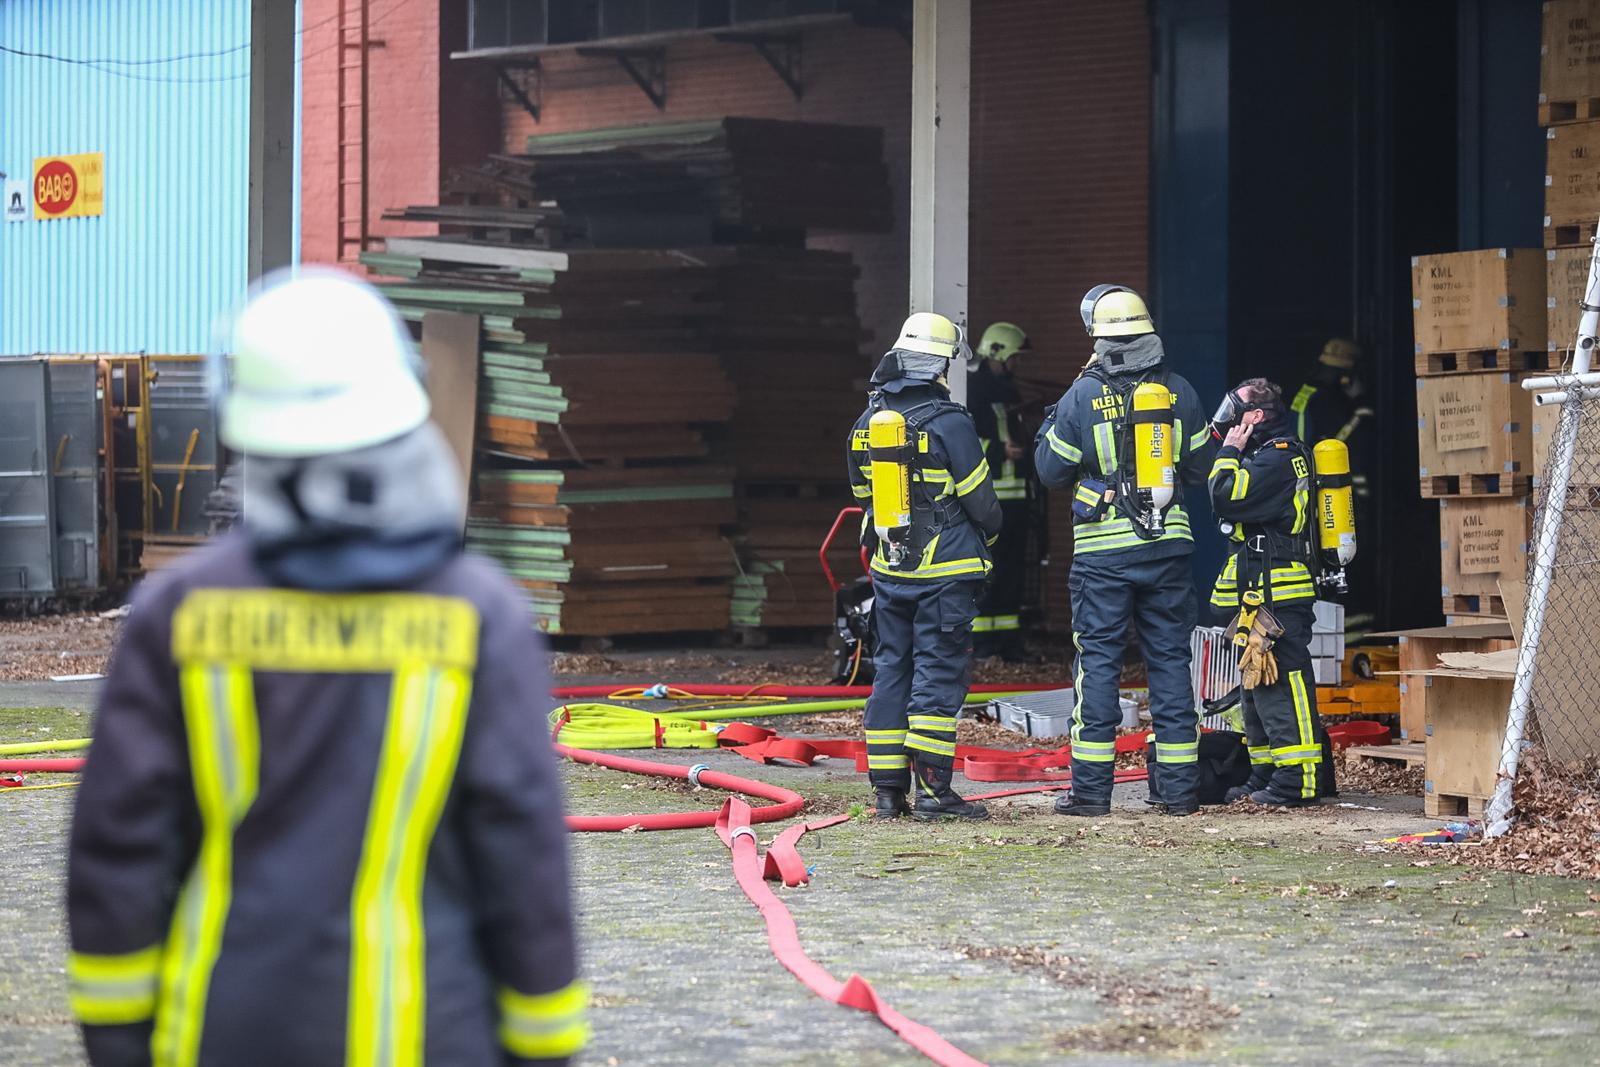 Großfeuer verhindert! – Schnelles eingreifen der Feuerwehr verhindert schlimmeres